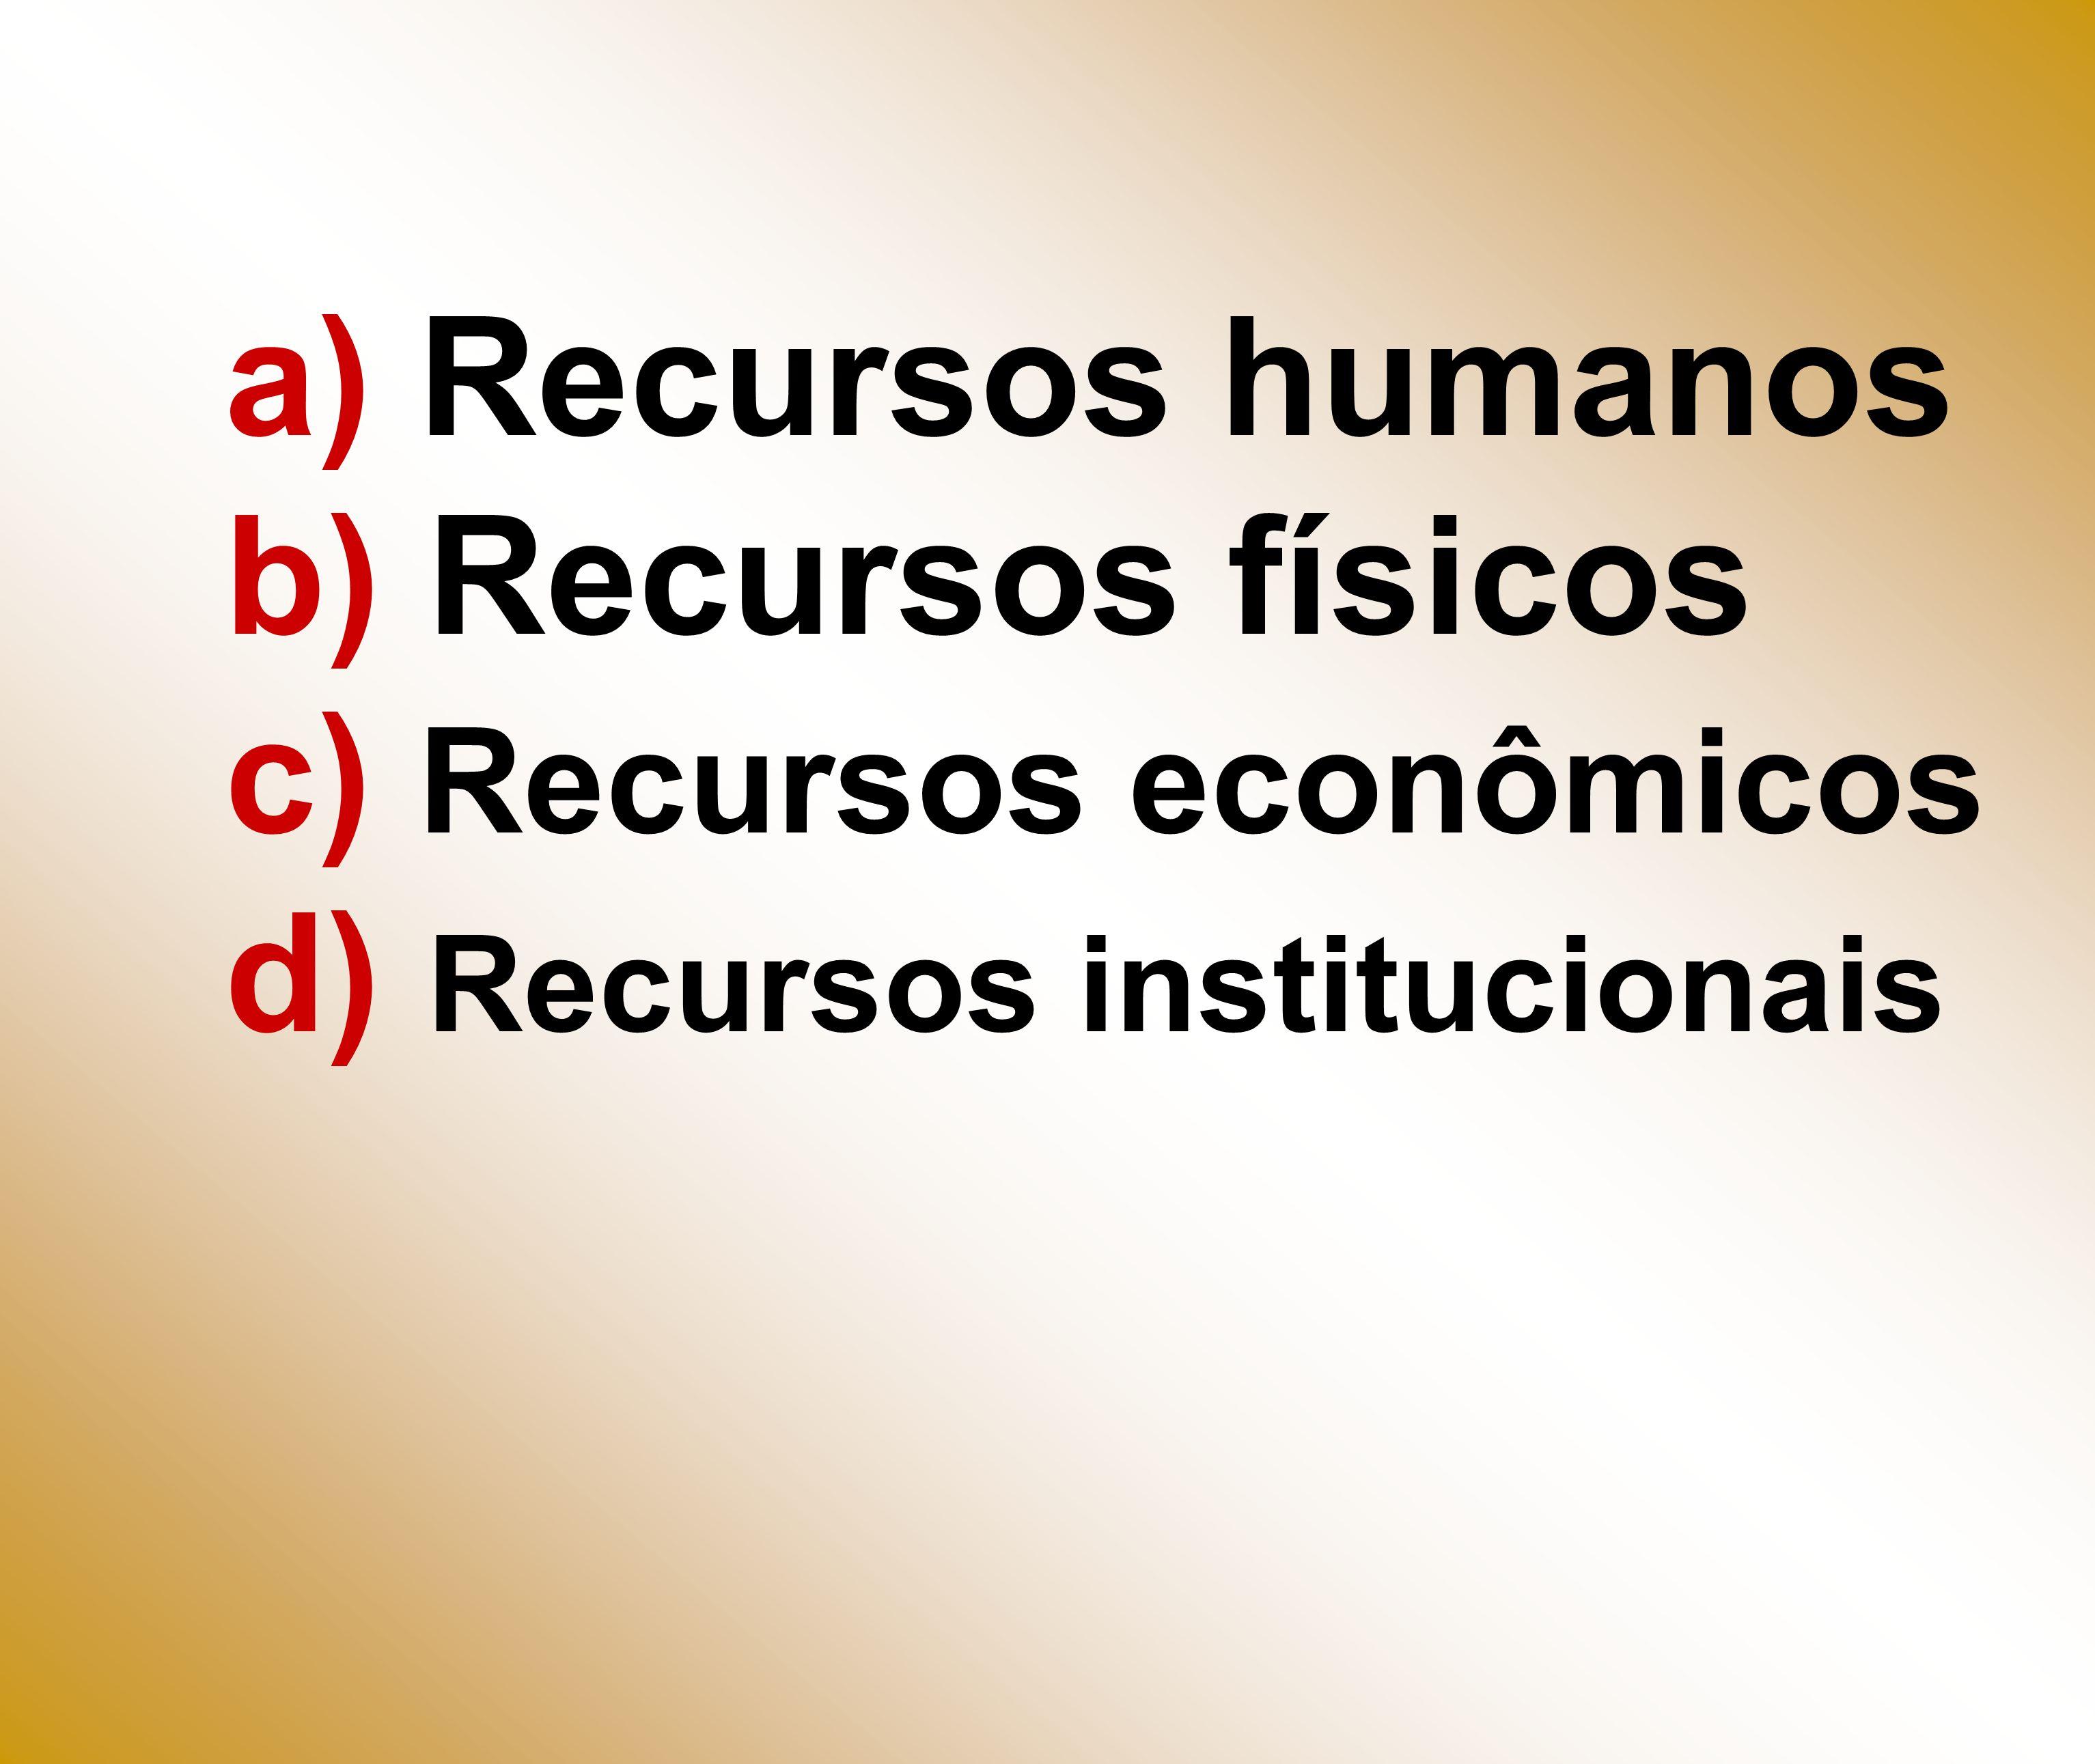 a) Recursos humanos b) Recursos físicos c) Recursos econômicos d) Recursos institucionais